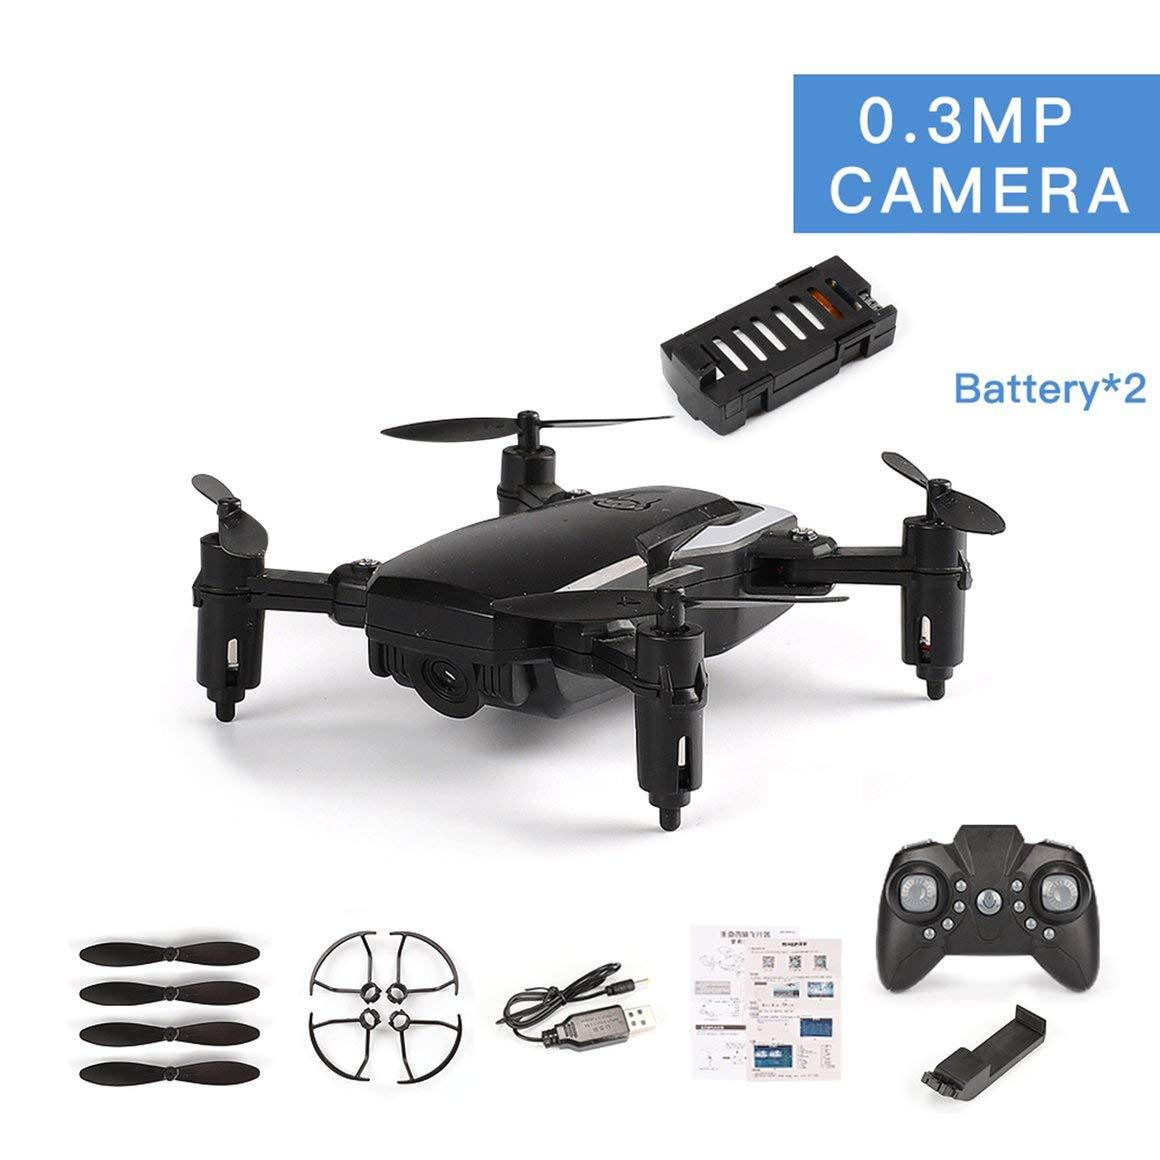 Funnyrunstore LF606 Doppio batterie Drone con Fotocamera 0.3MP FPV Quadcopter Pieghevole RC Droni HD Altitude Hold Mini Drone Bambini Giocattoli per Bambini